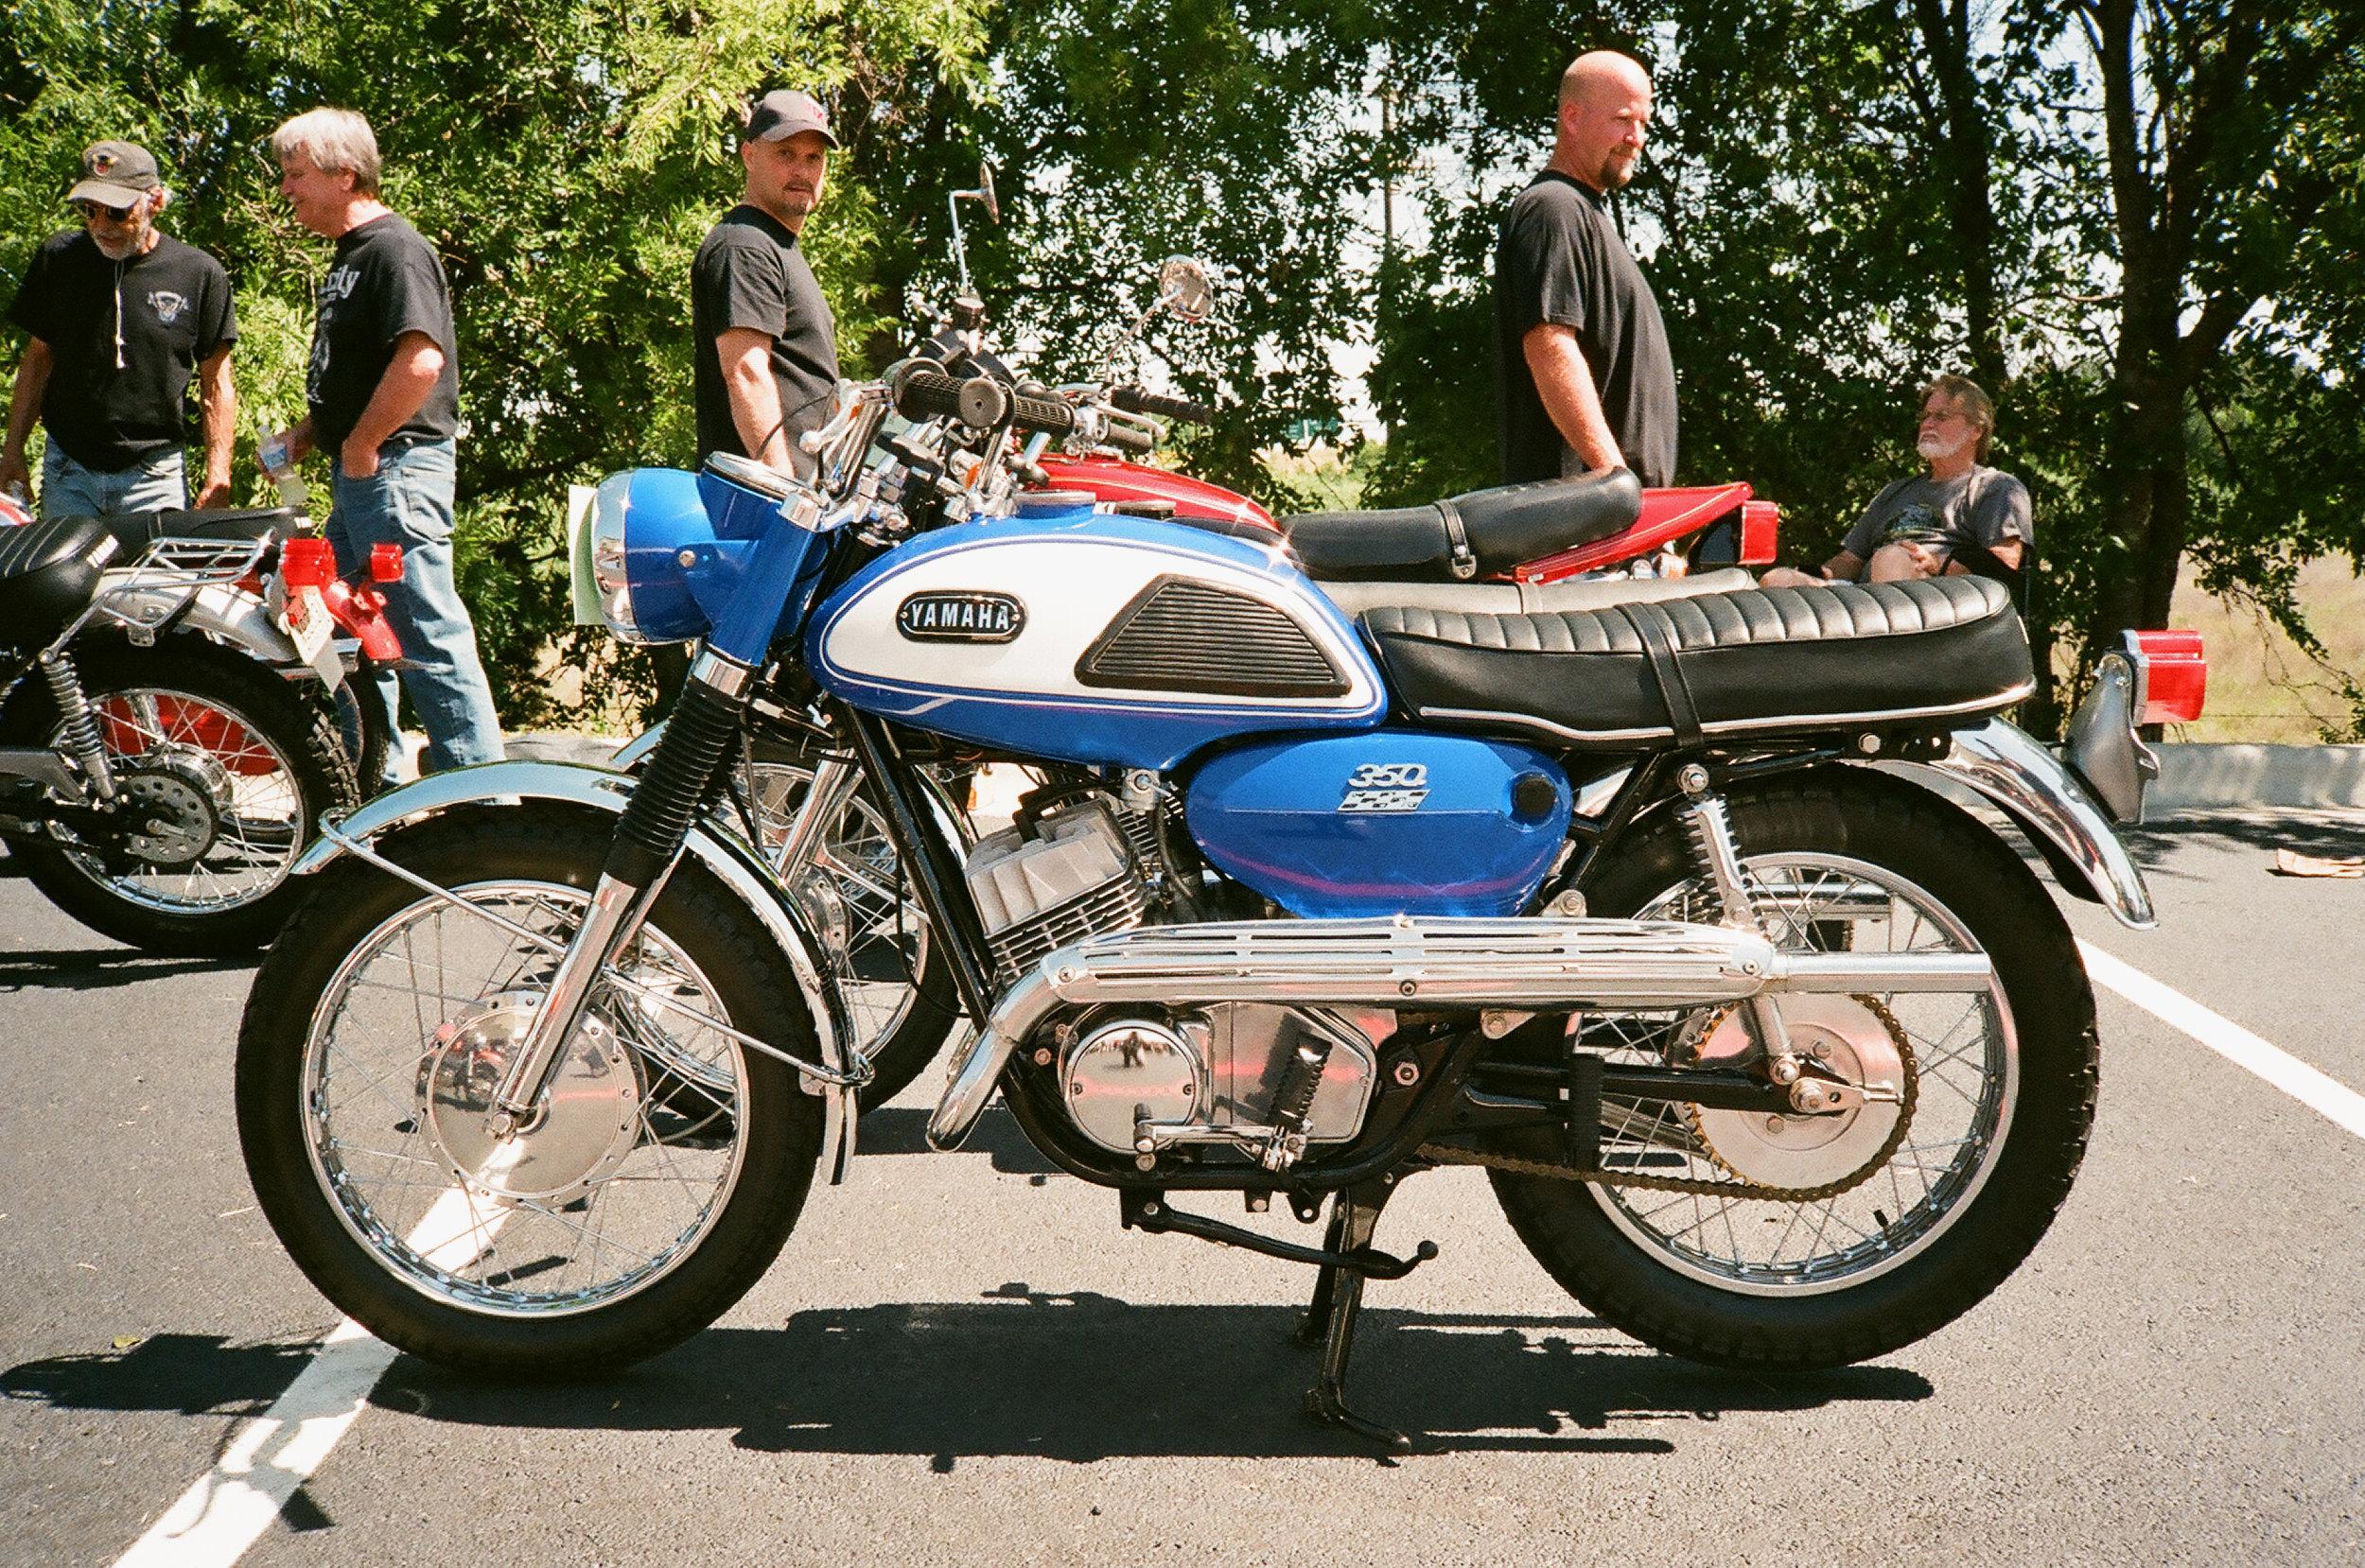 texas-motorcycle-revival-2017-58500011.jpg